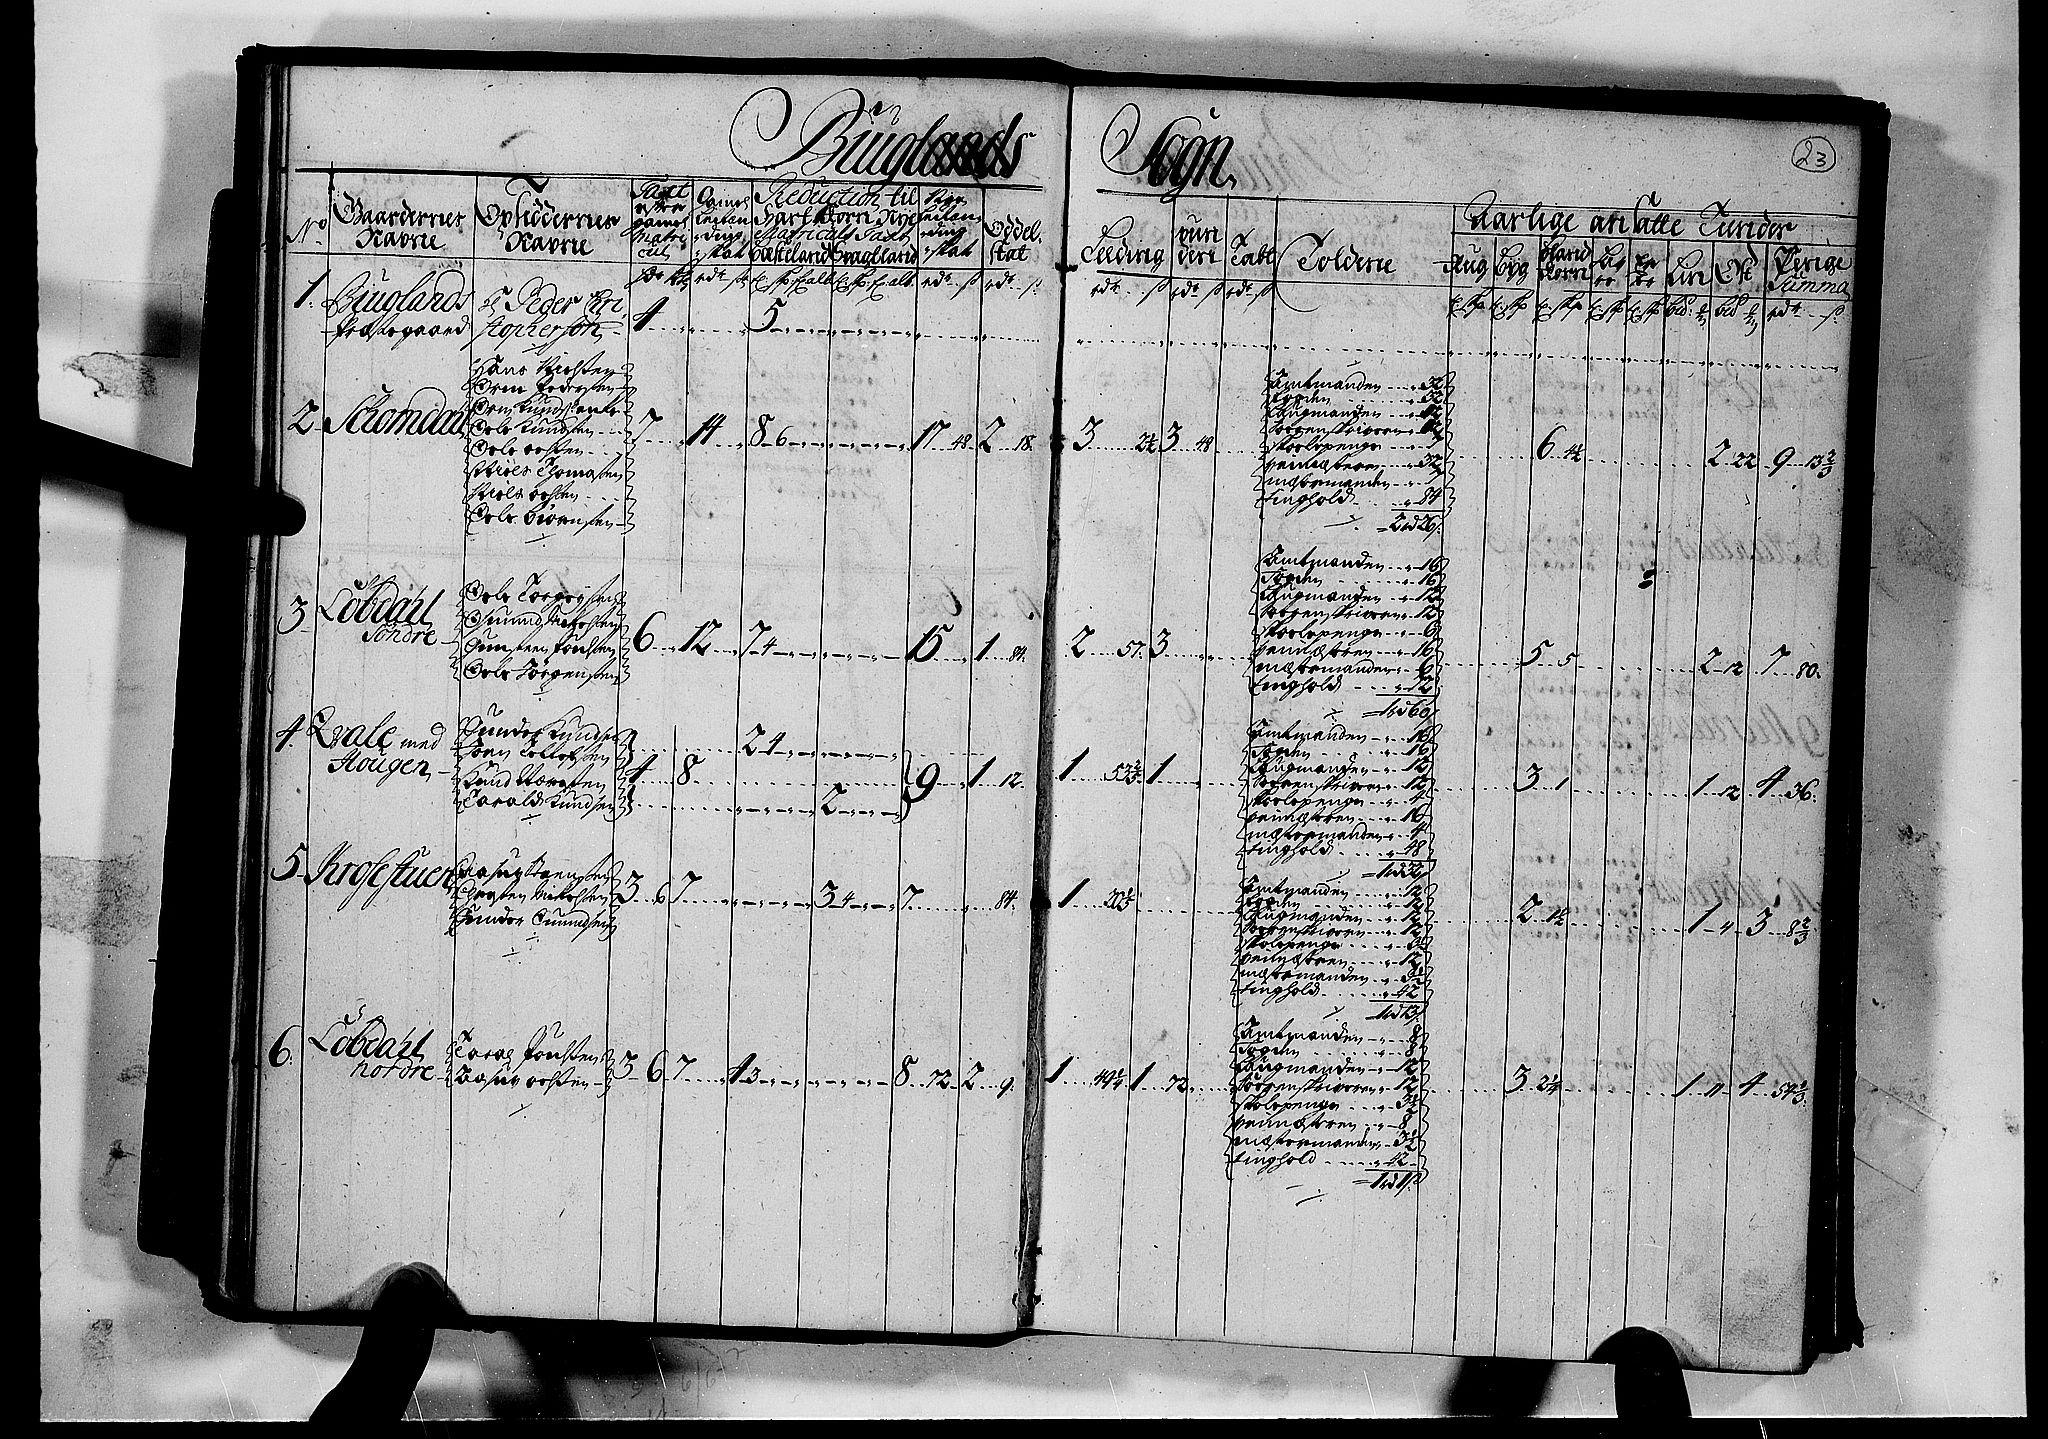 RA, Rentekammeret inntil 1814, Realistisk ordnet avdeling, N/Nb/Nbf/L0126: Råbyggelag matrikkelprotokoll, 1723, s. 22b-23a